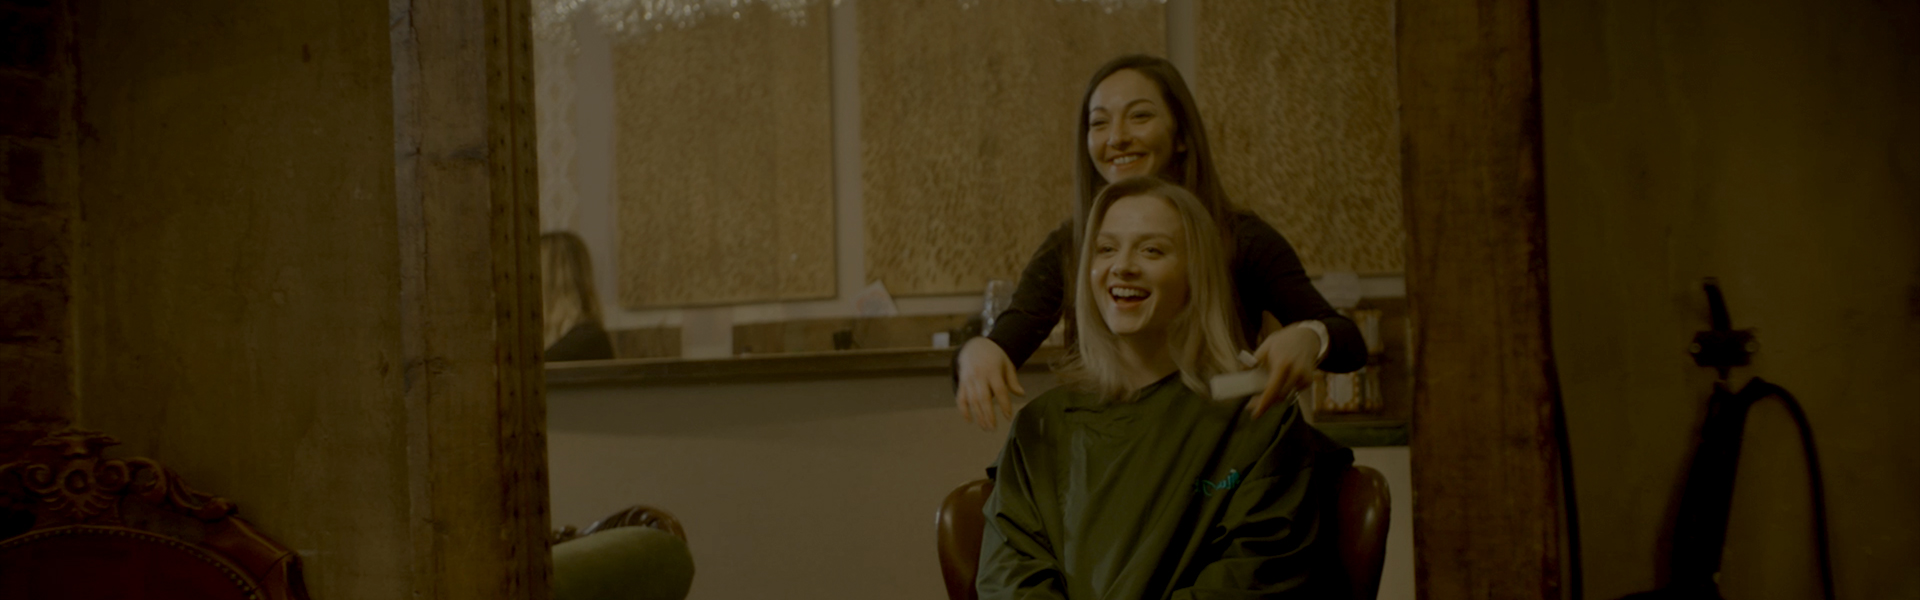 Dve žene u frizerskom salonu